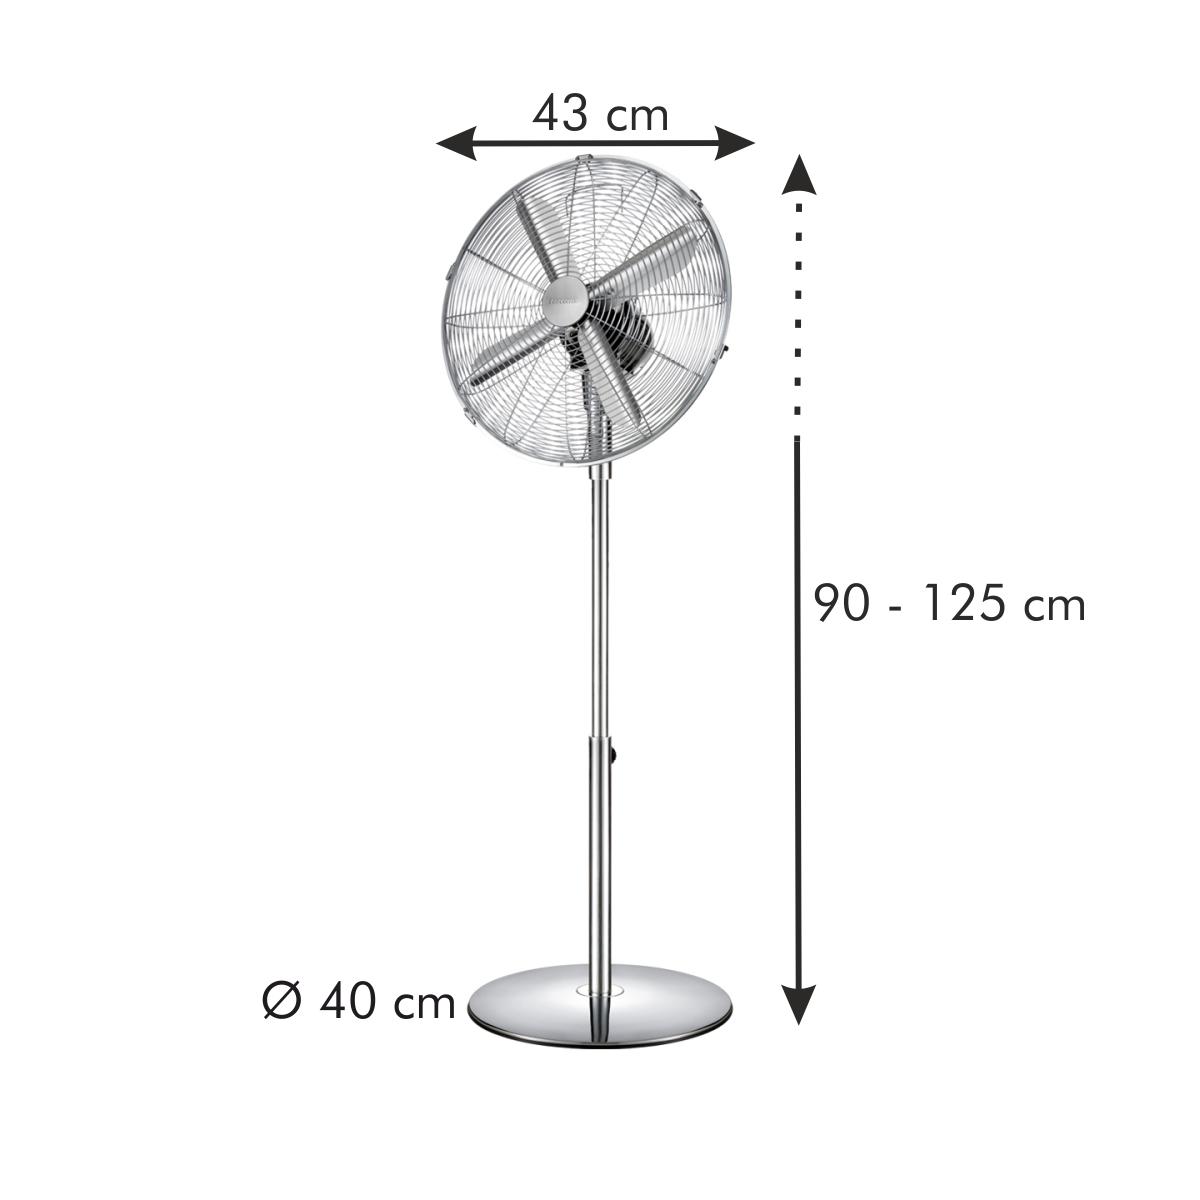 Stojanový ventilátor FANCY HOME ø 40 cm, chrom